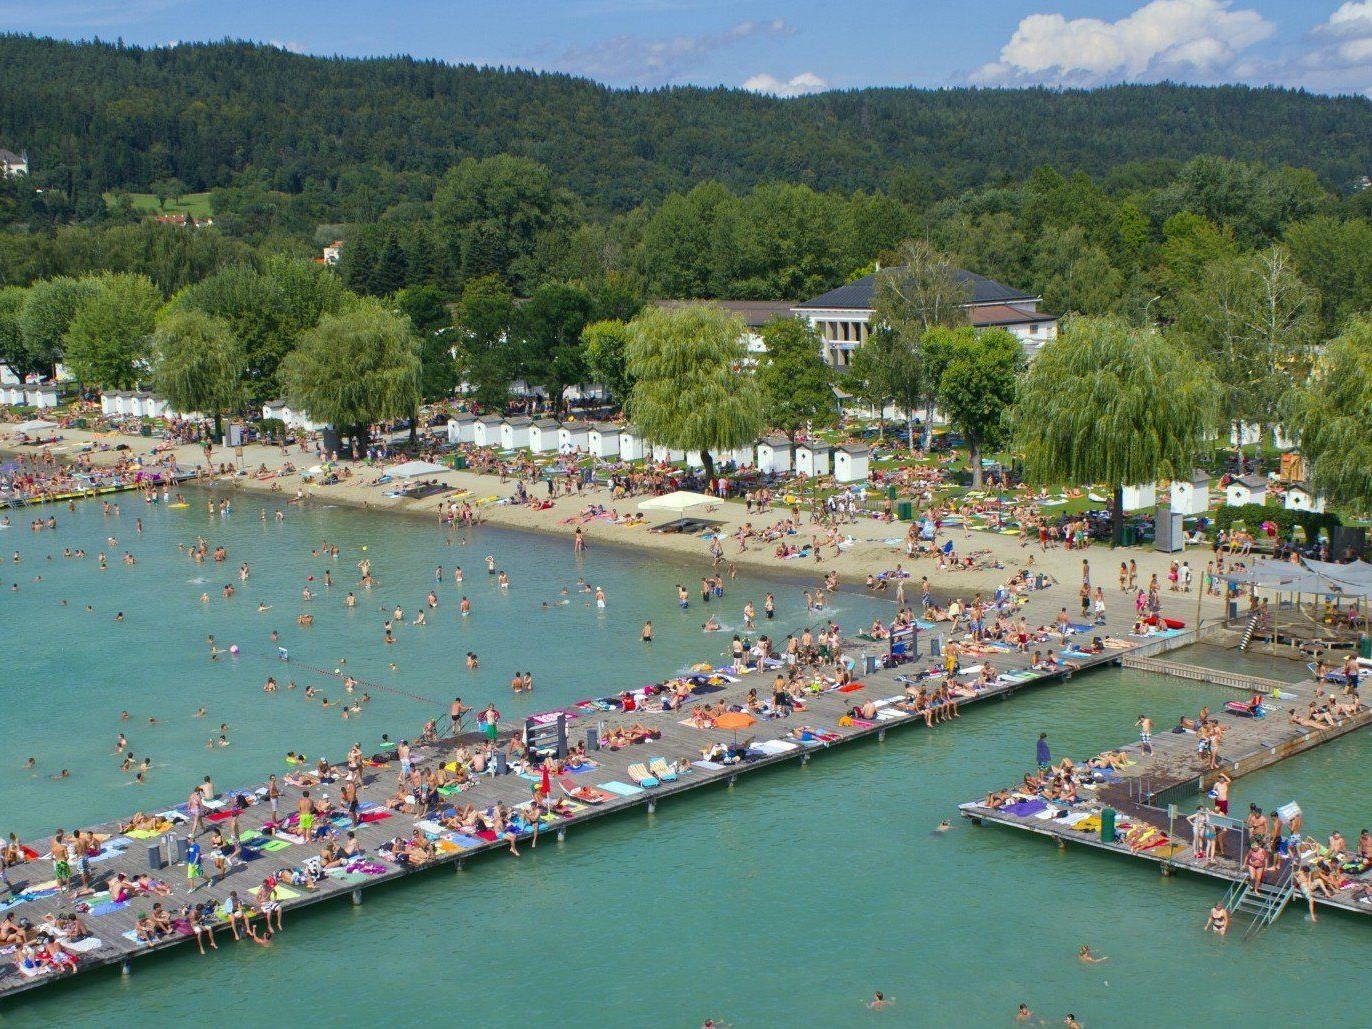 Das sommerliche Wetter lockt derzeit zahlreiche Badegäste an Österreichs Seen. (Im Bild: Strandbad Wörthersee)